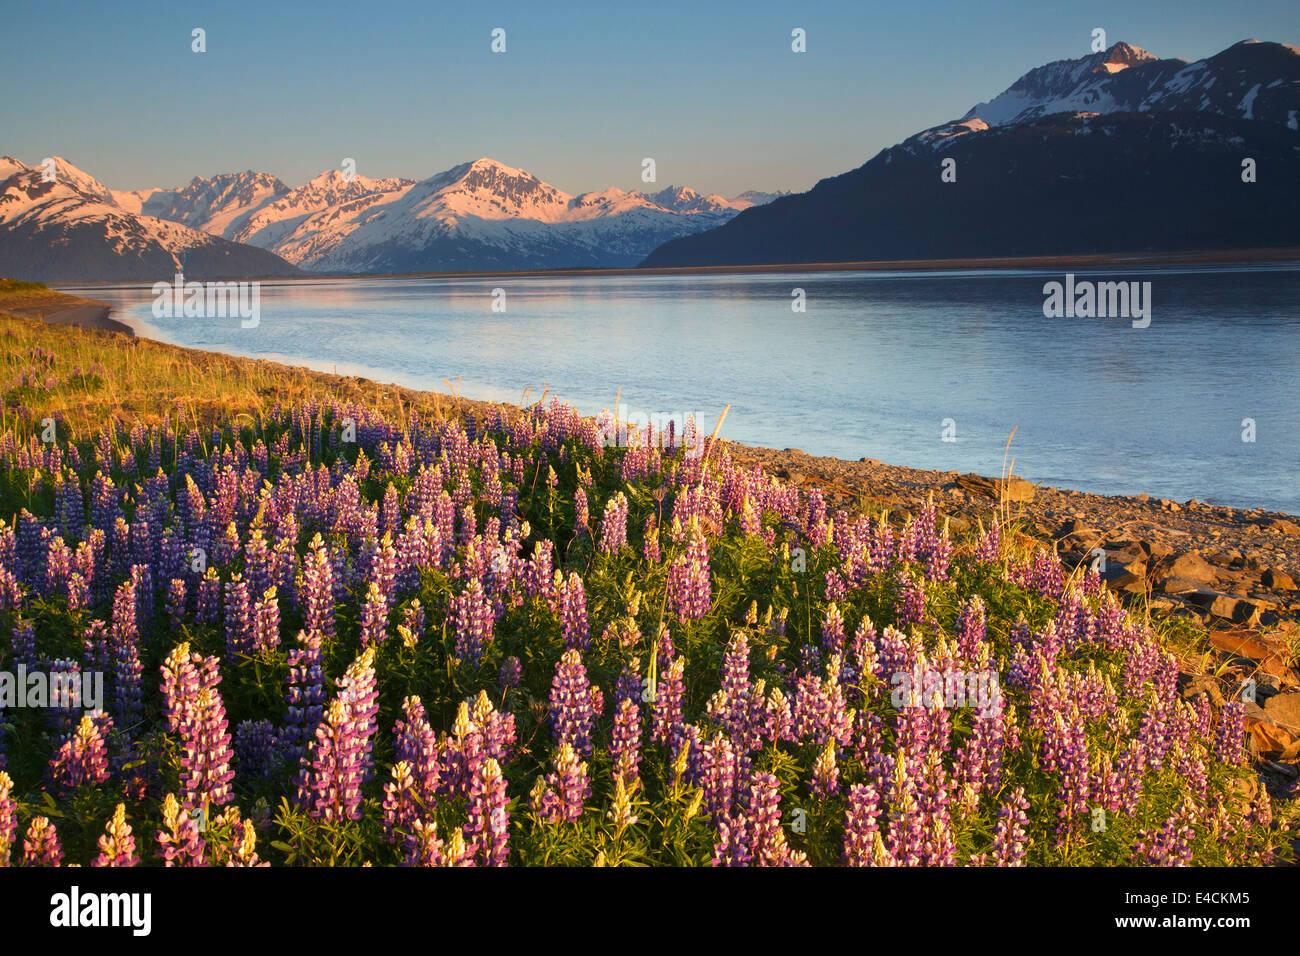 Un campo de lupino a lo largo del brazo Turnagain, el Bosque Nacional de Chugach, Alaska. Imagen De Stock